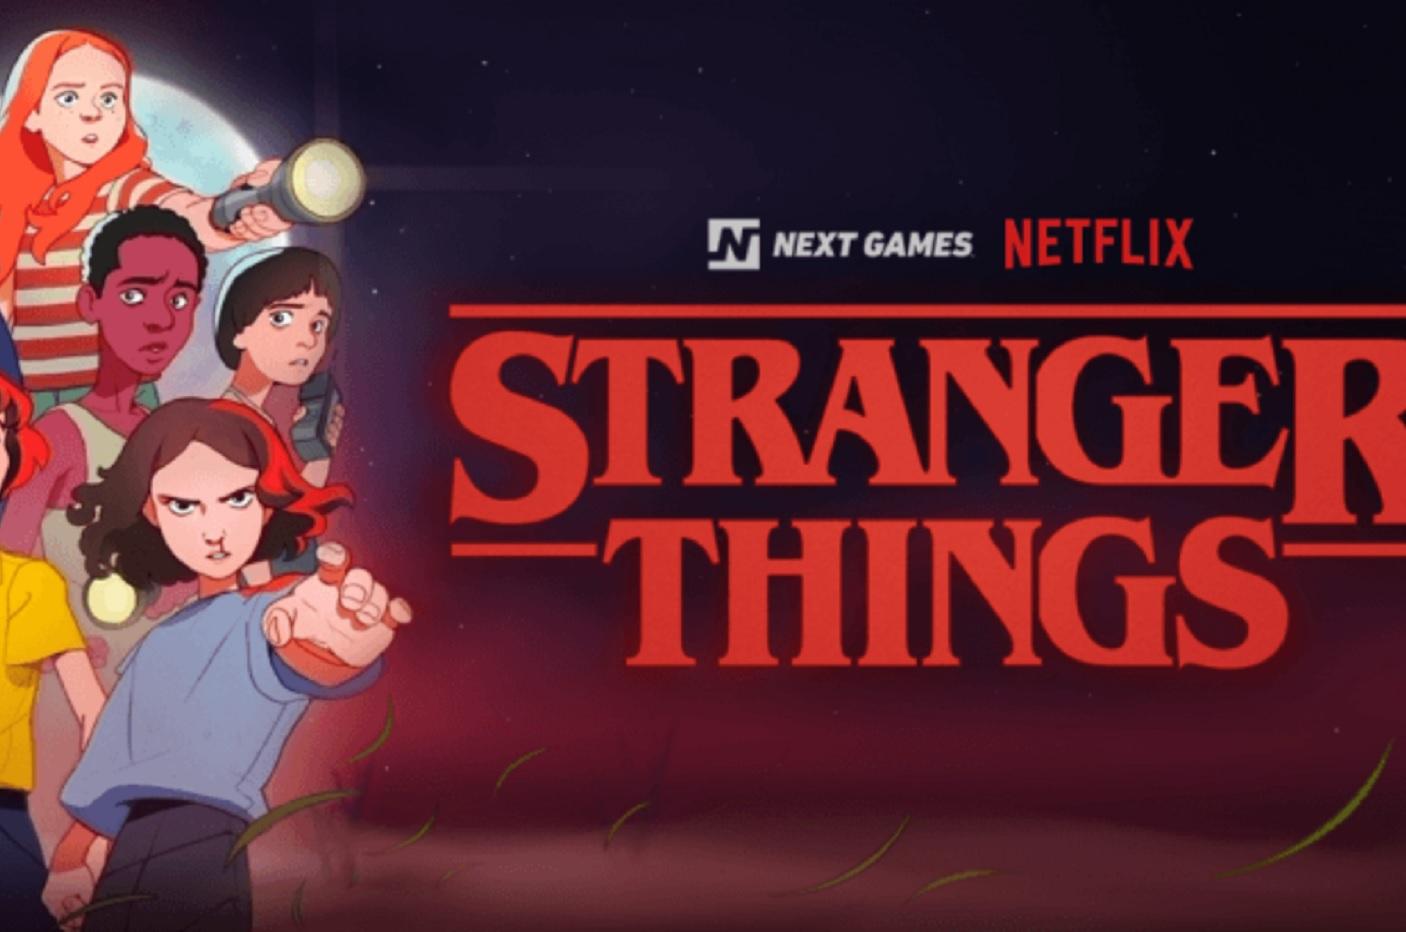 E3 2019 : Netflix fait une entrée fracassante dans le monde des jeux vidéo avec plusieurs adaptations ambitieuses !!